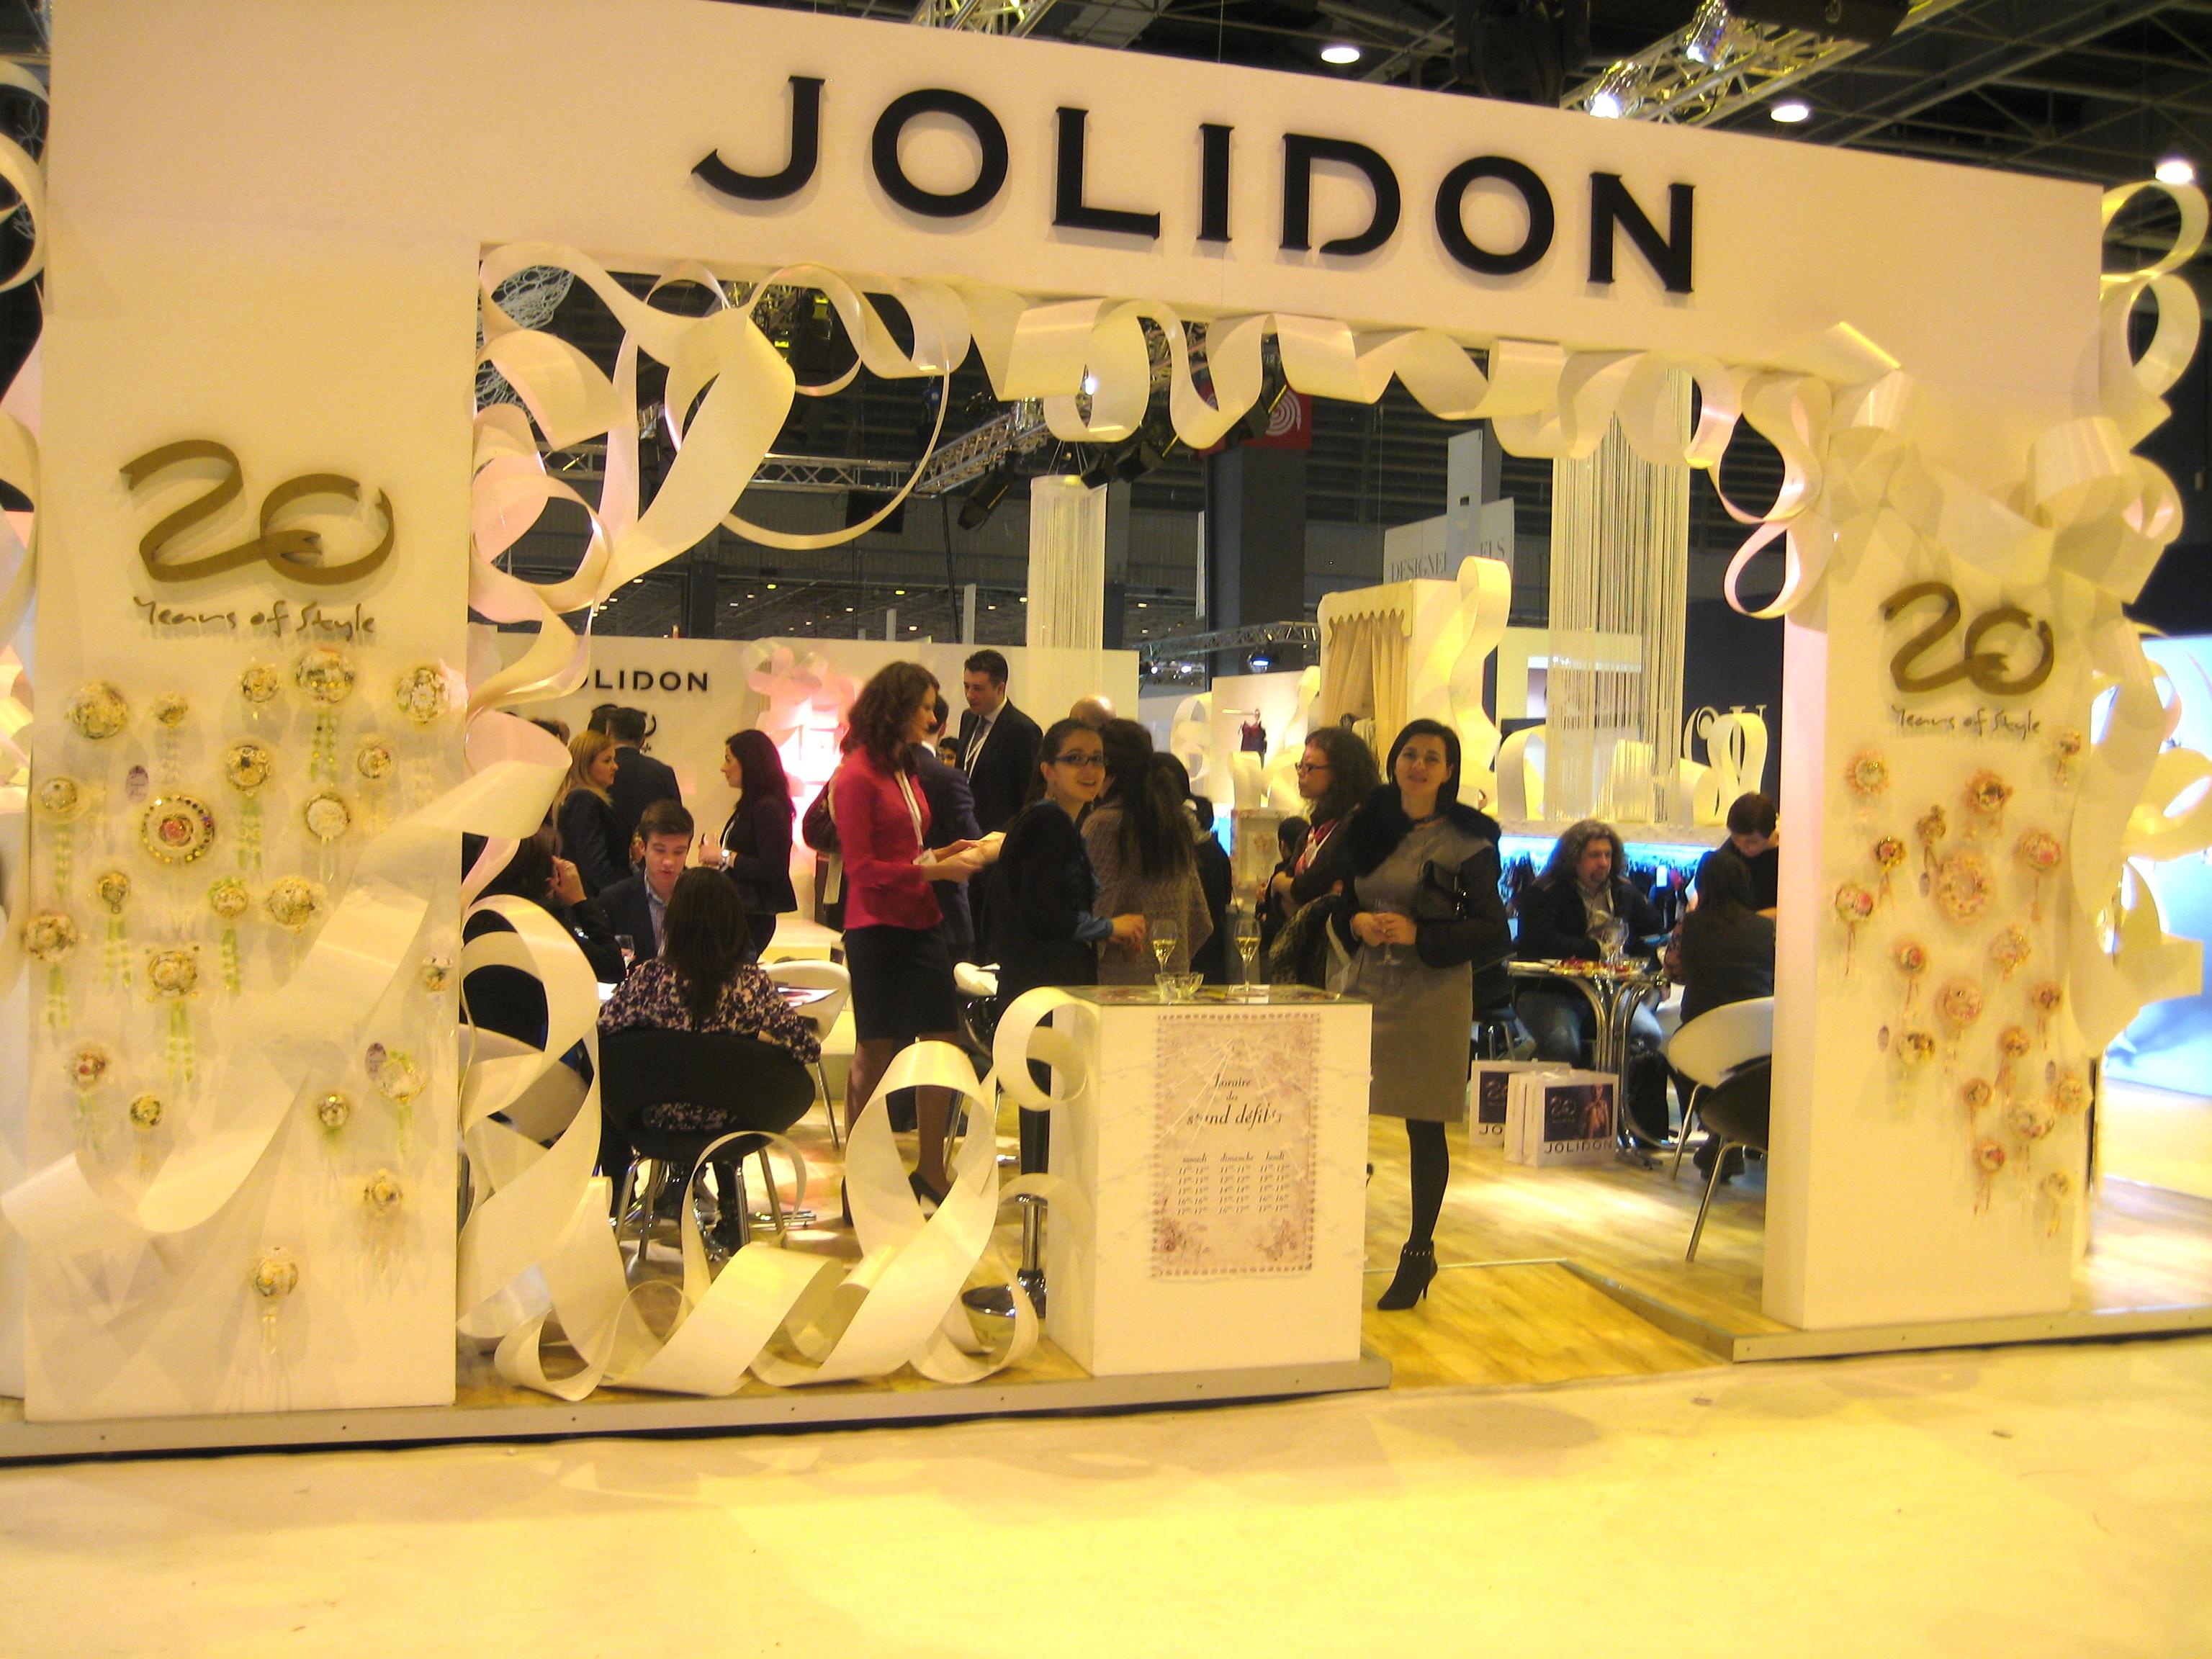 Jolidon scapă de faliment. Curtea de Apel a decis ca producătorul de lenjerie intimă să continue reorganizarea